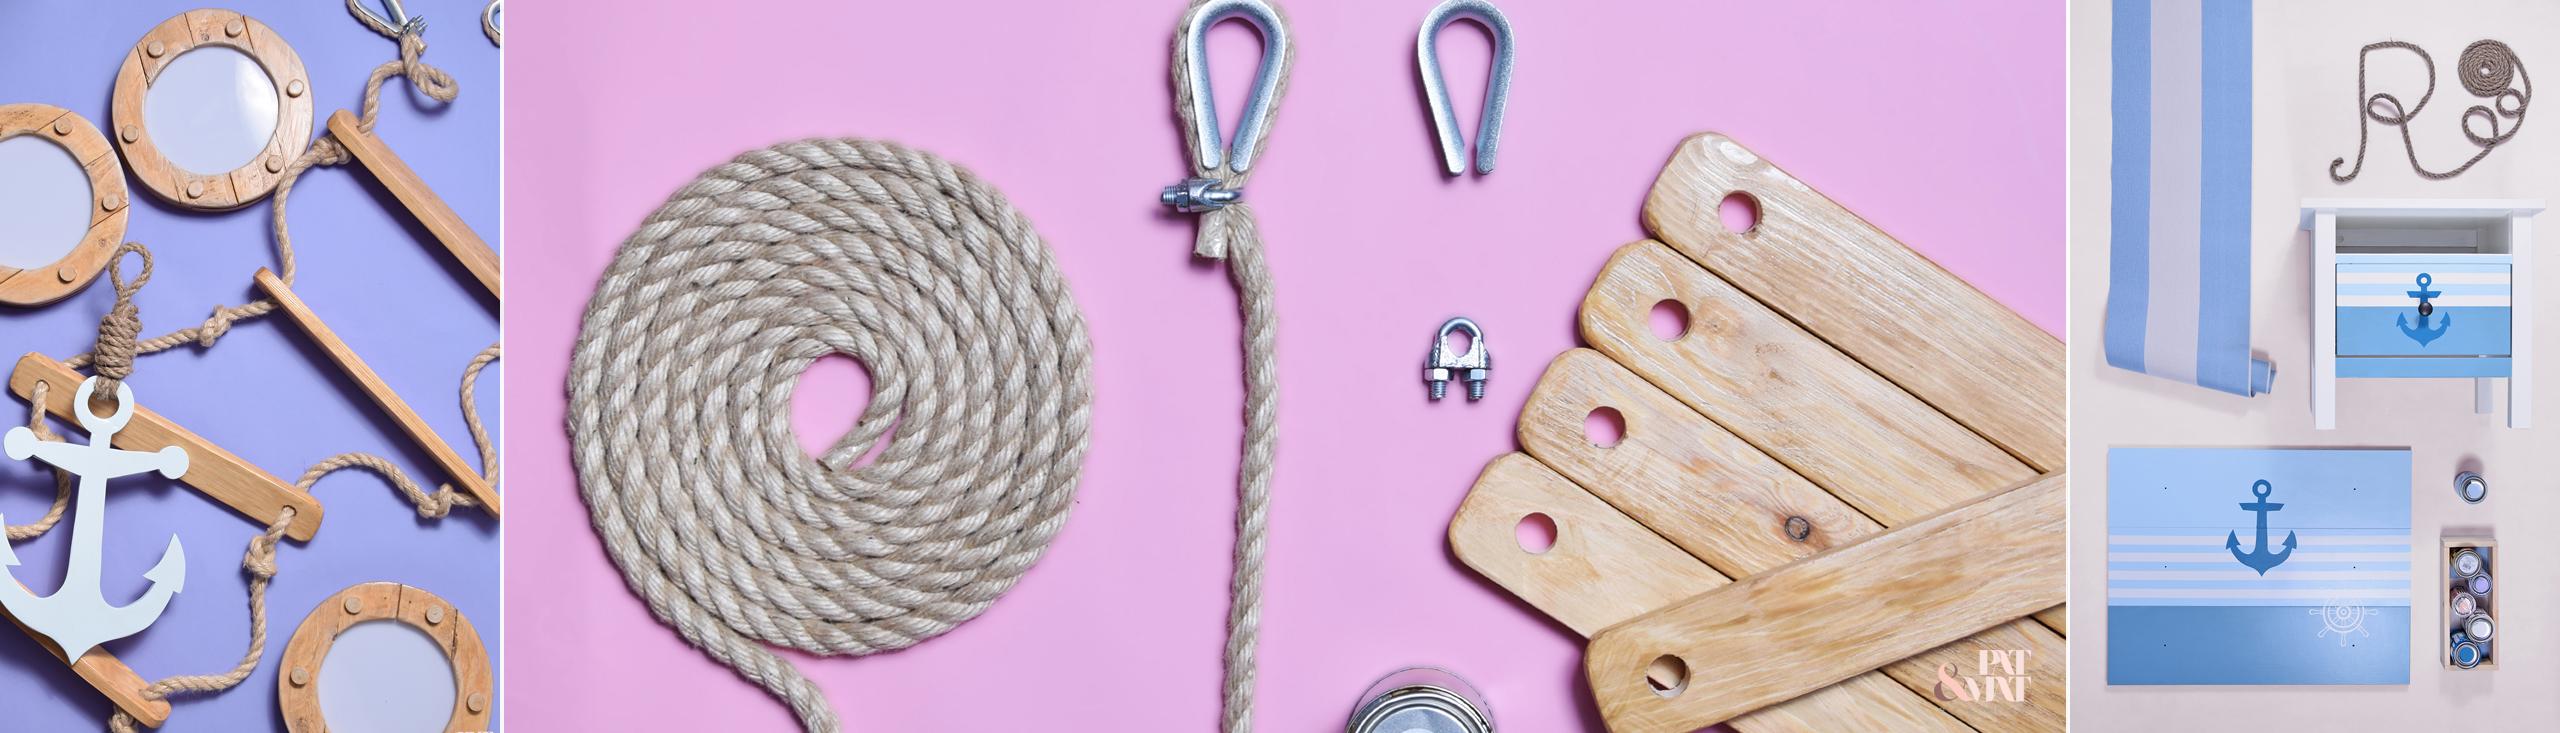 DIY: Dekoracje marynarskie do pokoju dziecięcego